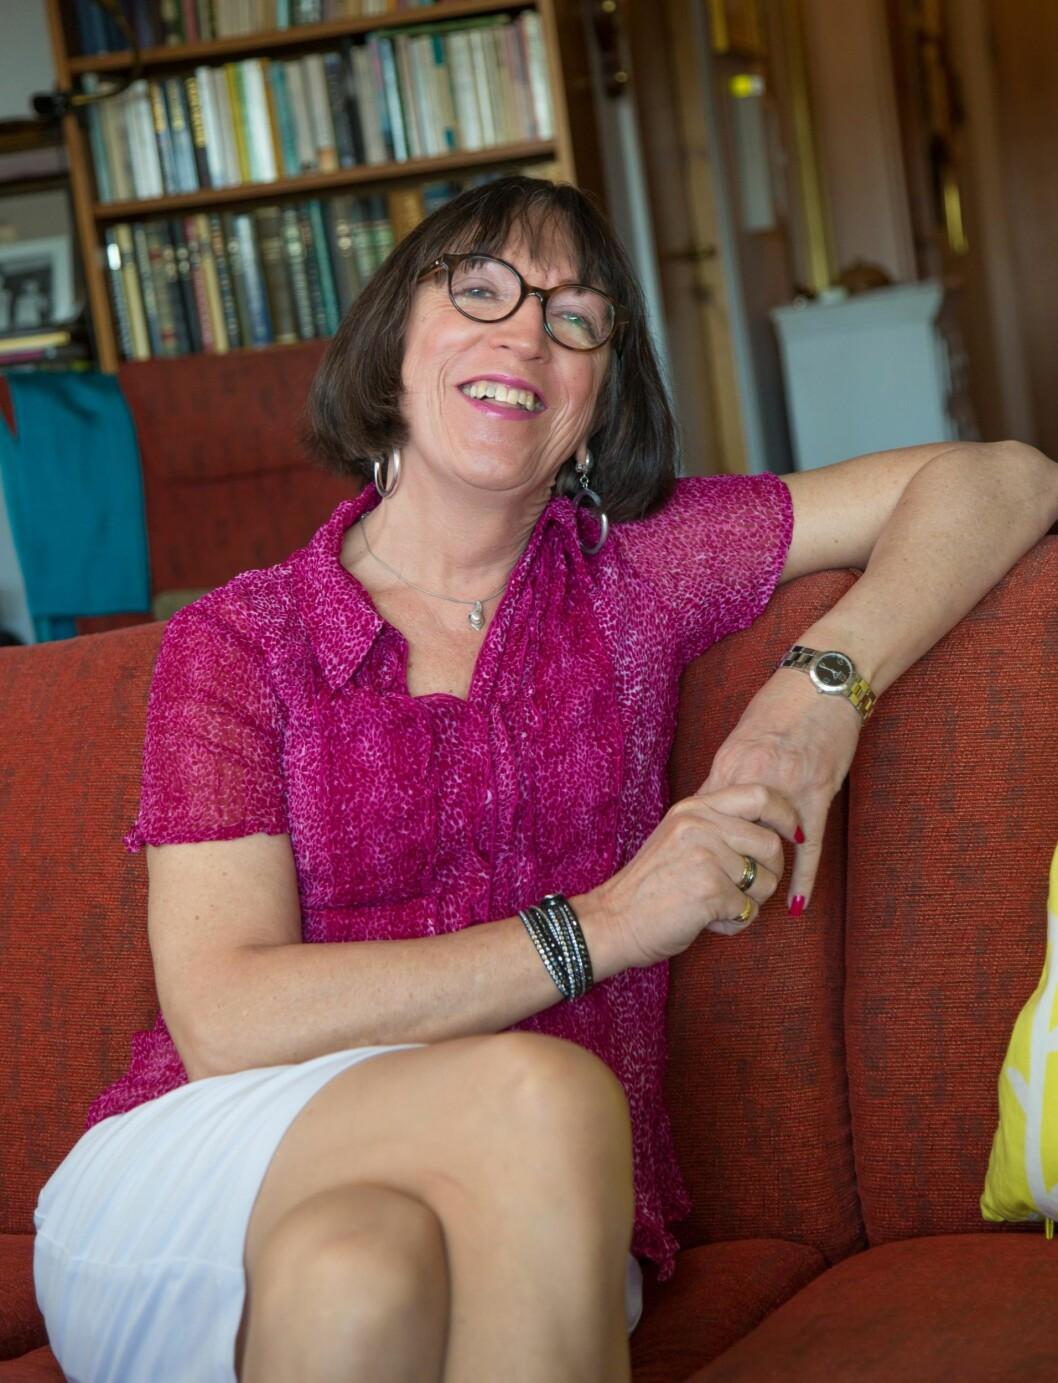 ÅPEN: Etter et langt liv med hemmeligheter sto Jeanette fram i 2010. Fire år senere frontet hun en Amnesty-kampanje for retten til å velge juridisk kjønn. Foto: Siv-Elin Nærø